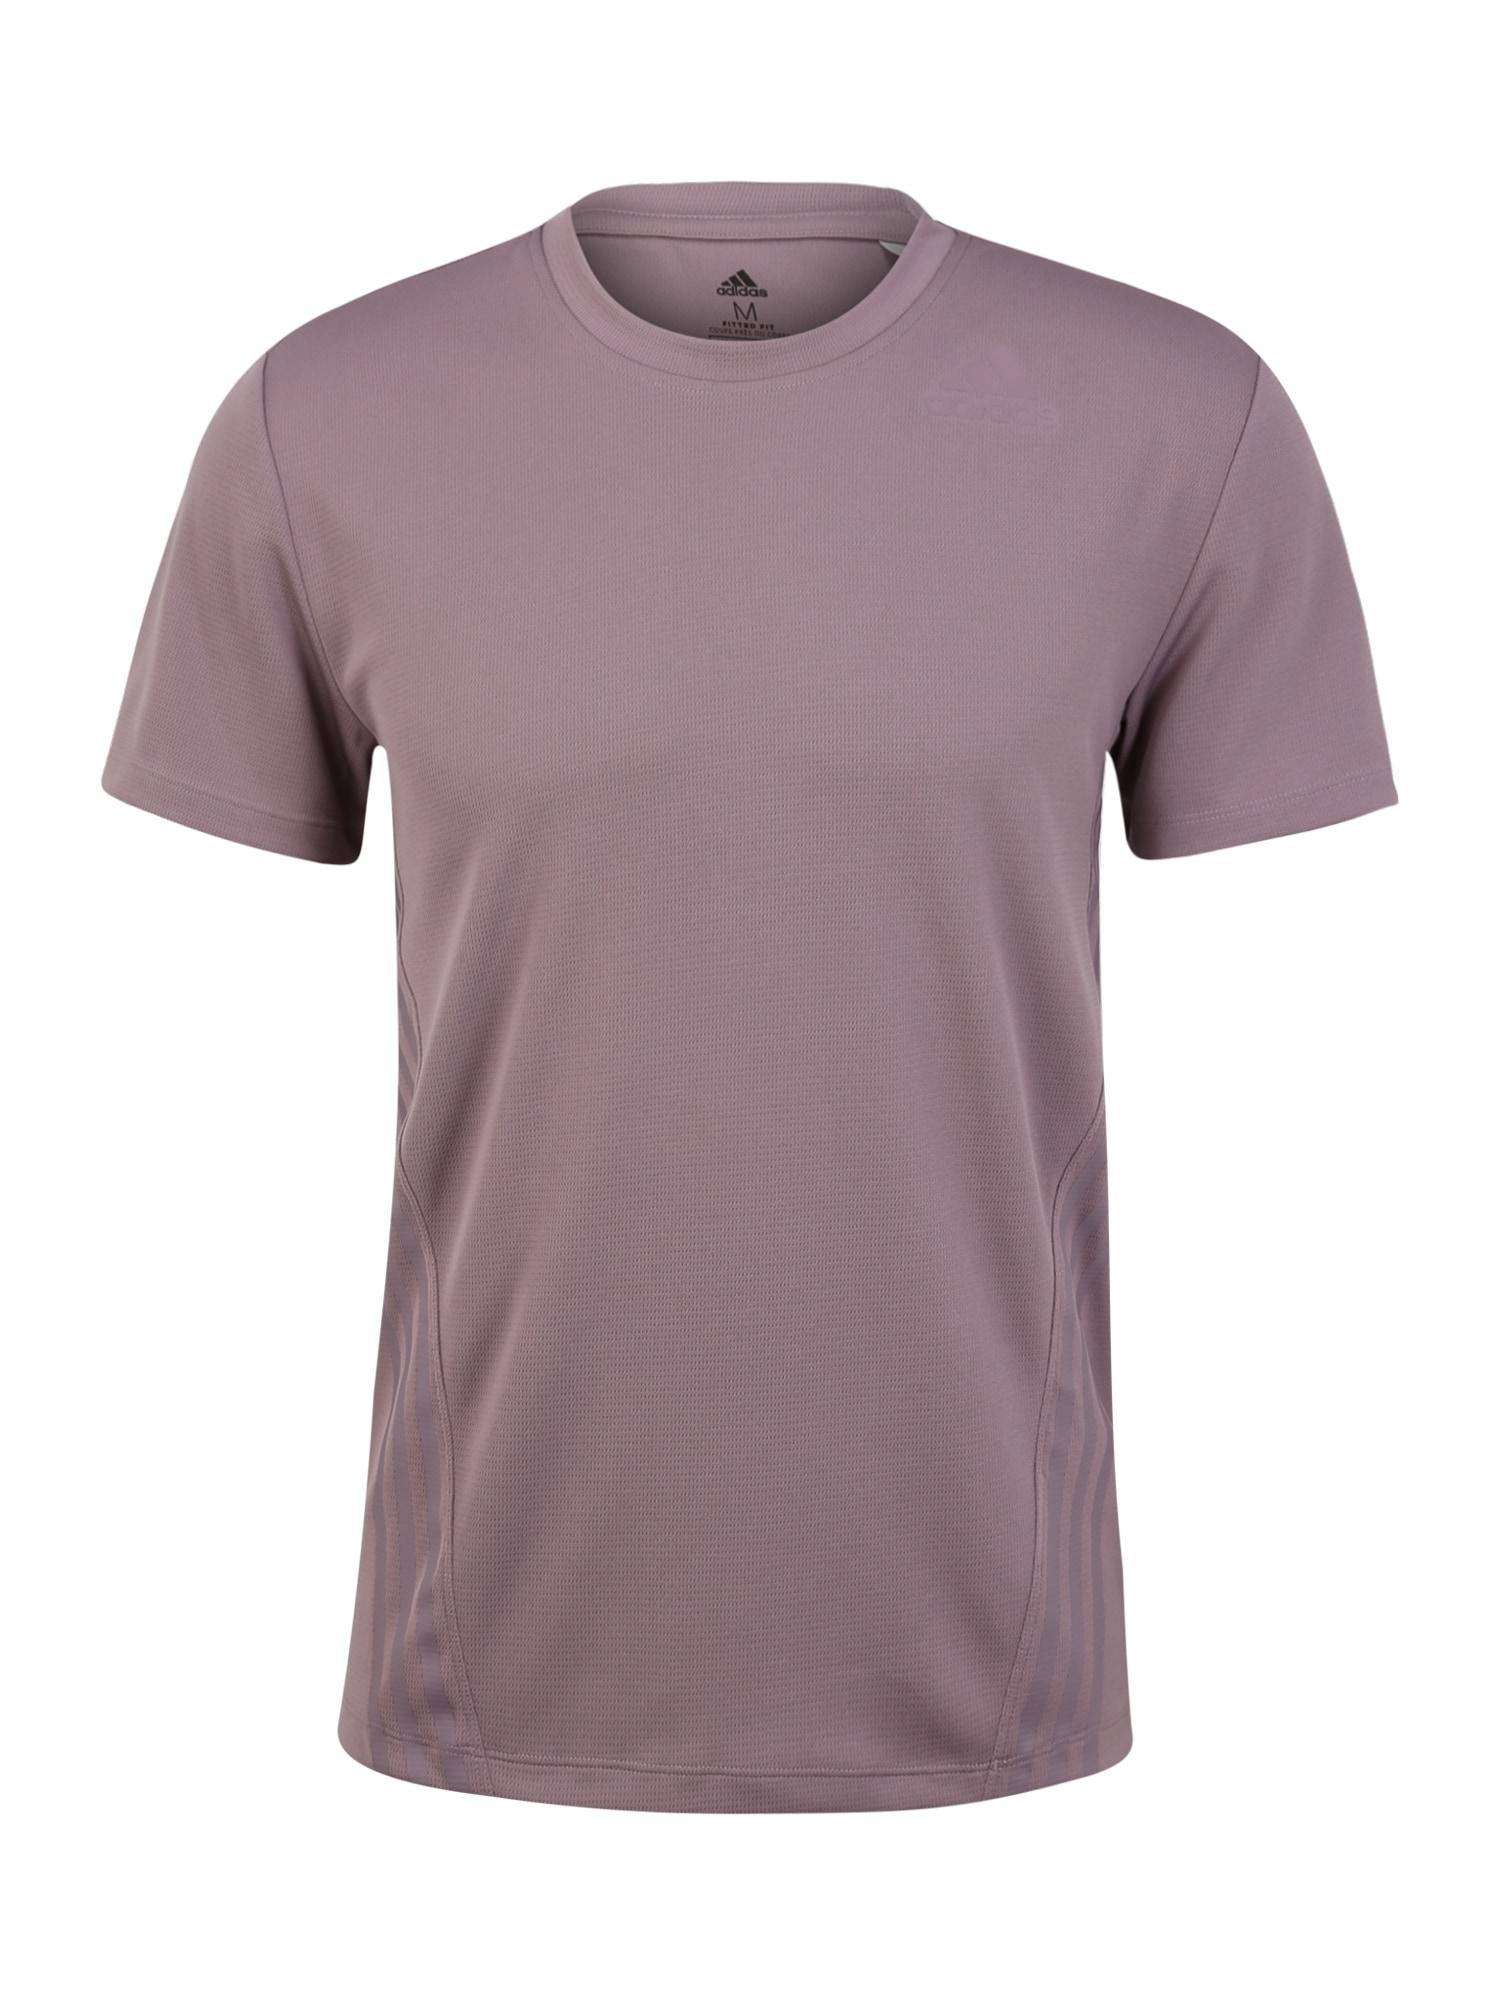 ADIDAS PERFORMANCE Sportiniai marškinėliai 'AERO 3S TEE' purpurinė